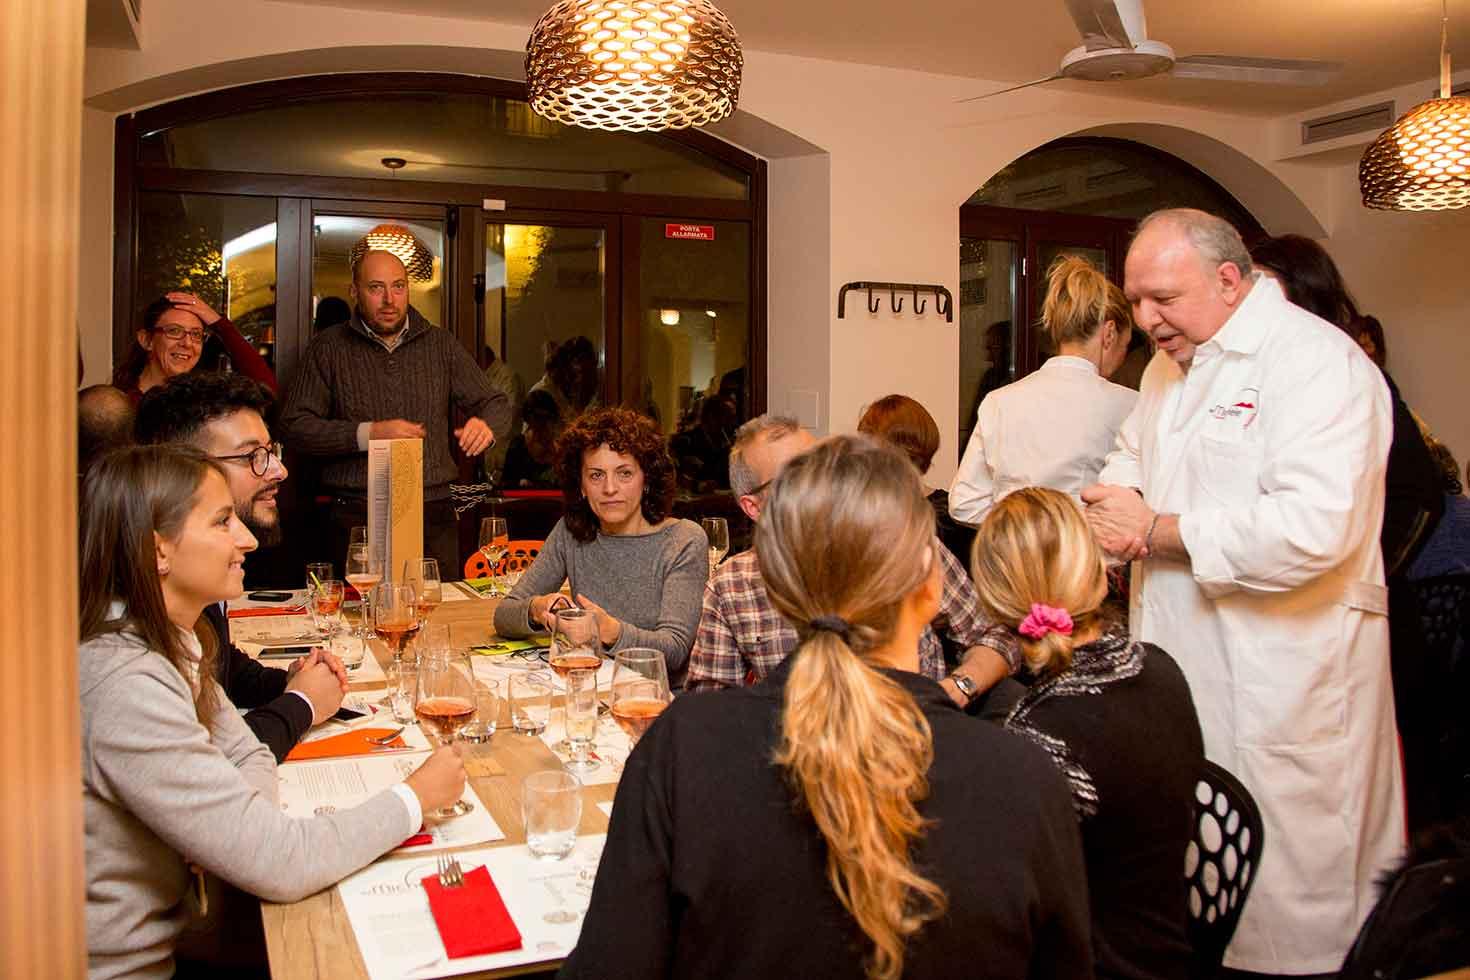 pizzeria-michele-i-condurro-milano-food-blogger